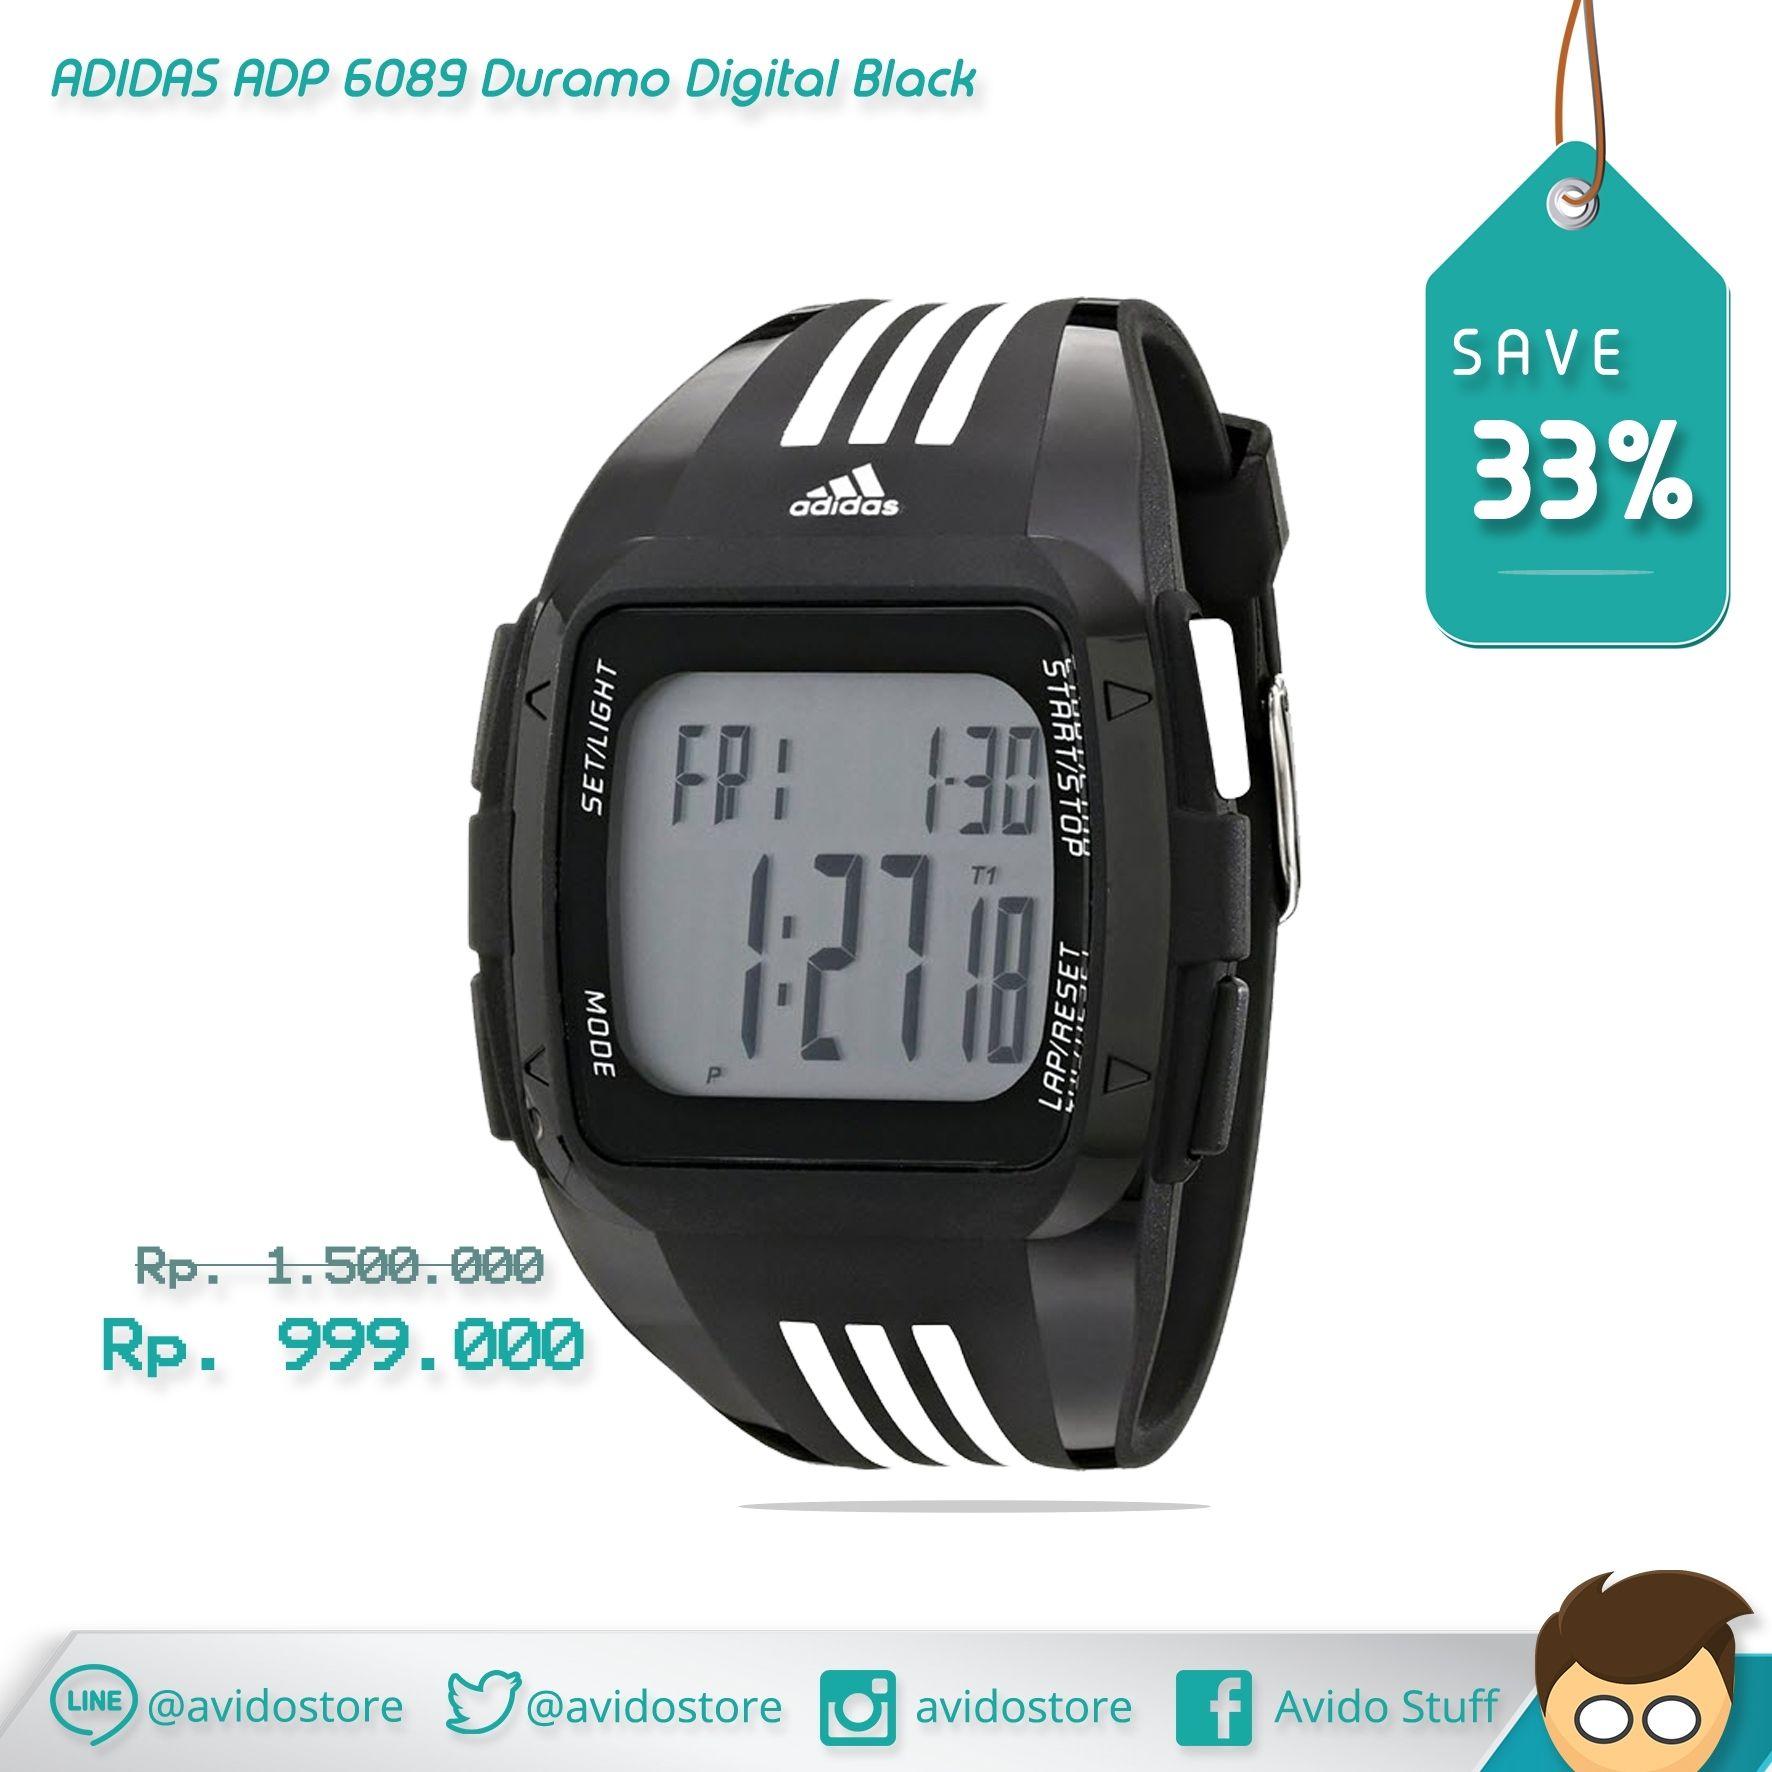 Jam Tangan Adidas Men's Adp 6089 Duramo Digital Black Original in